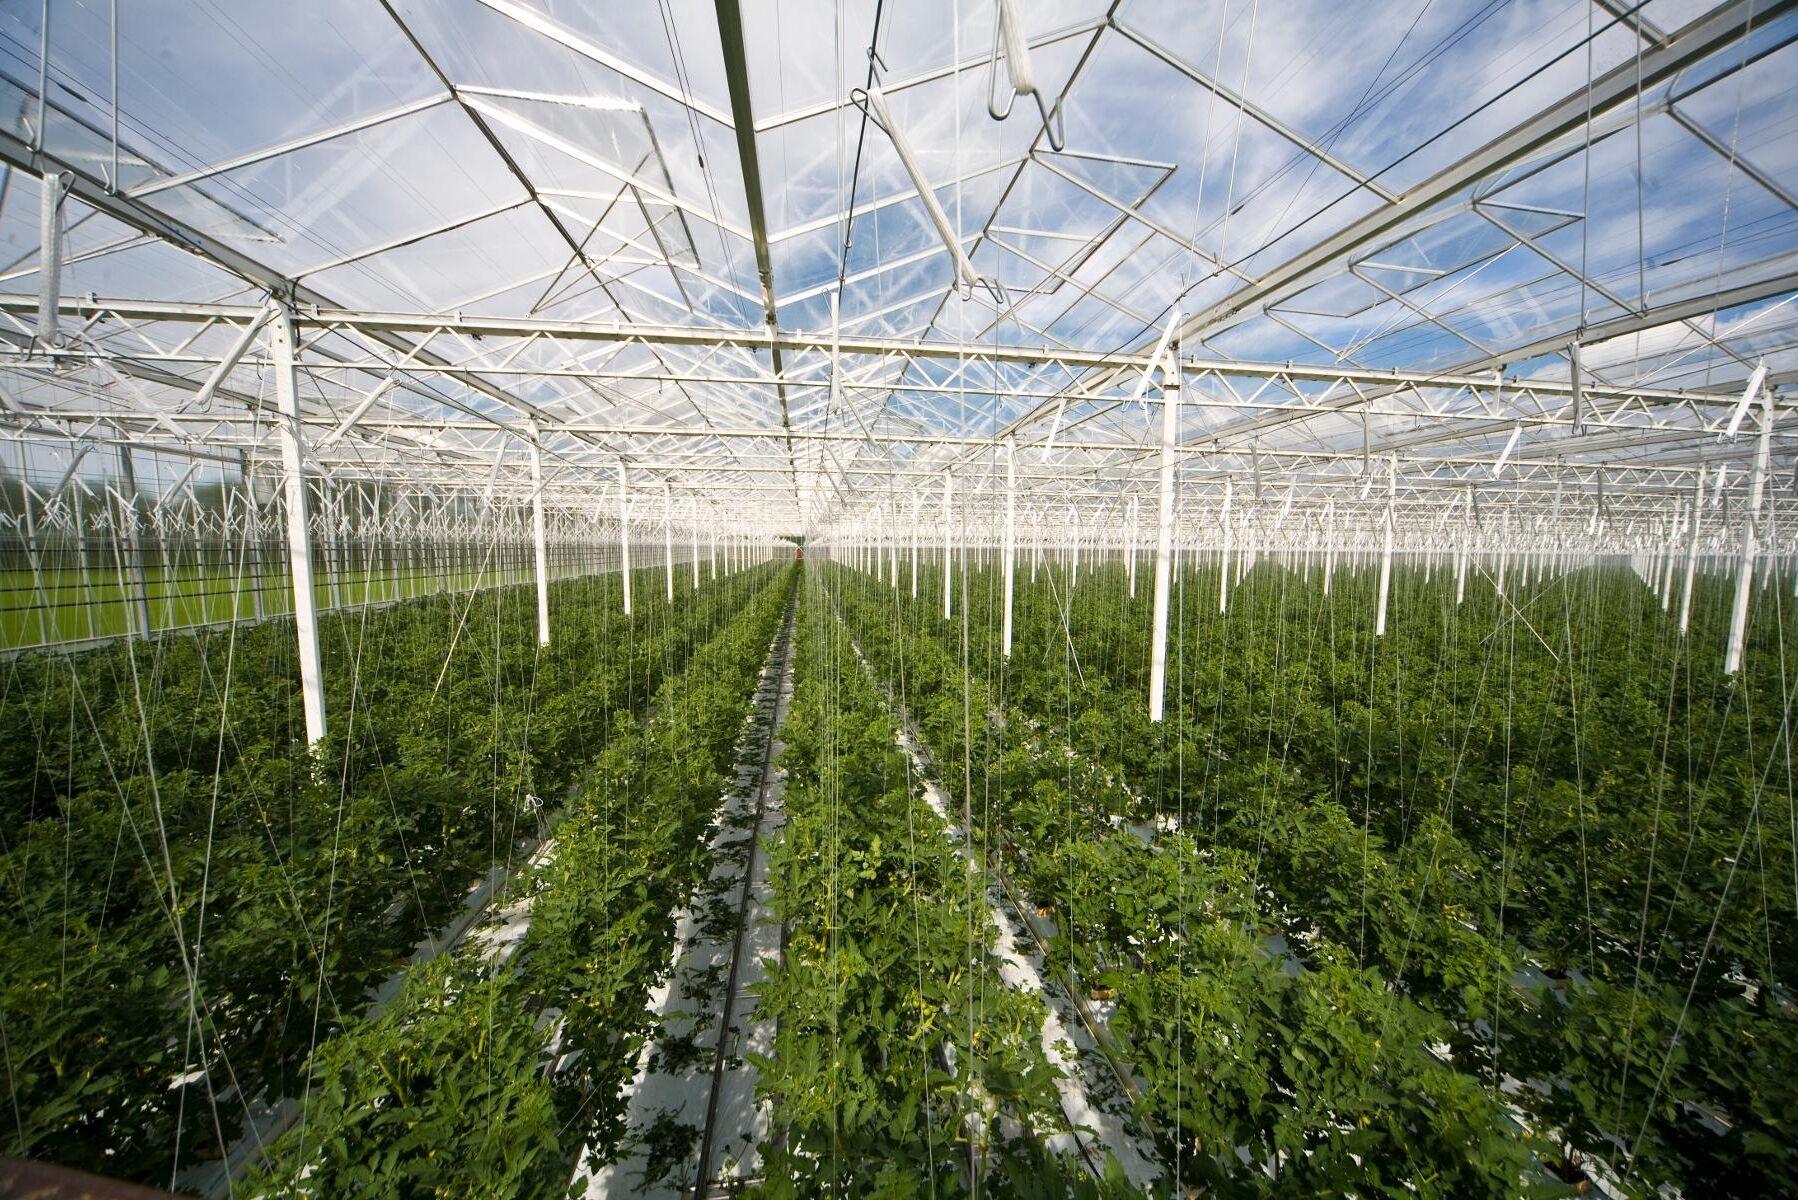 Växthusodlingens plats i det ekologiska jordbruket var en av de svårlösta frågorna när den nya ekoförordningen förhandlades fram. (Arkivbild.)